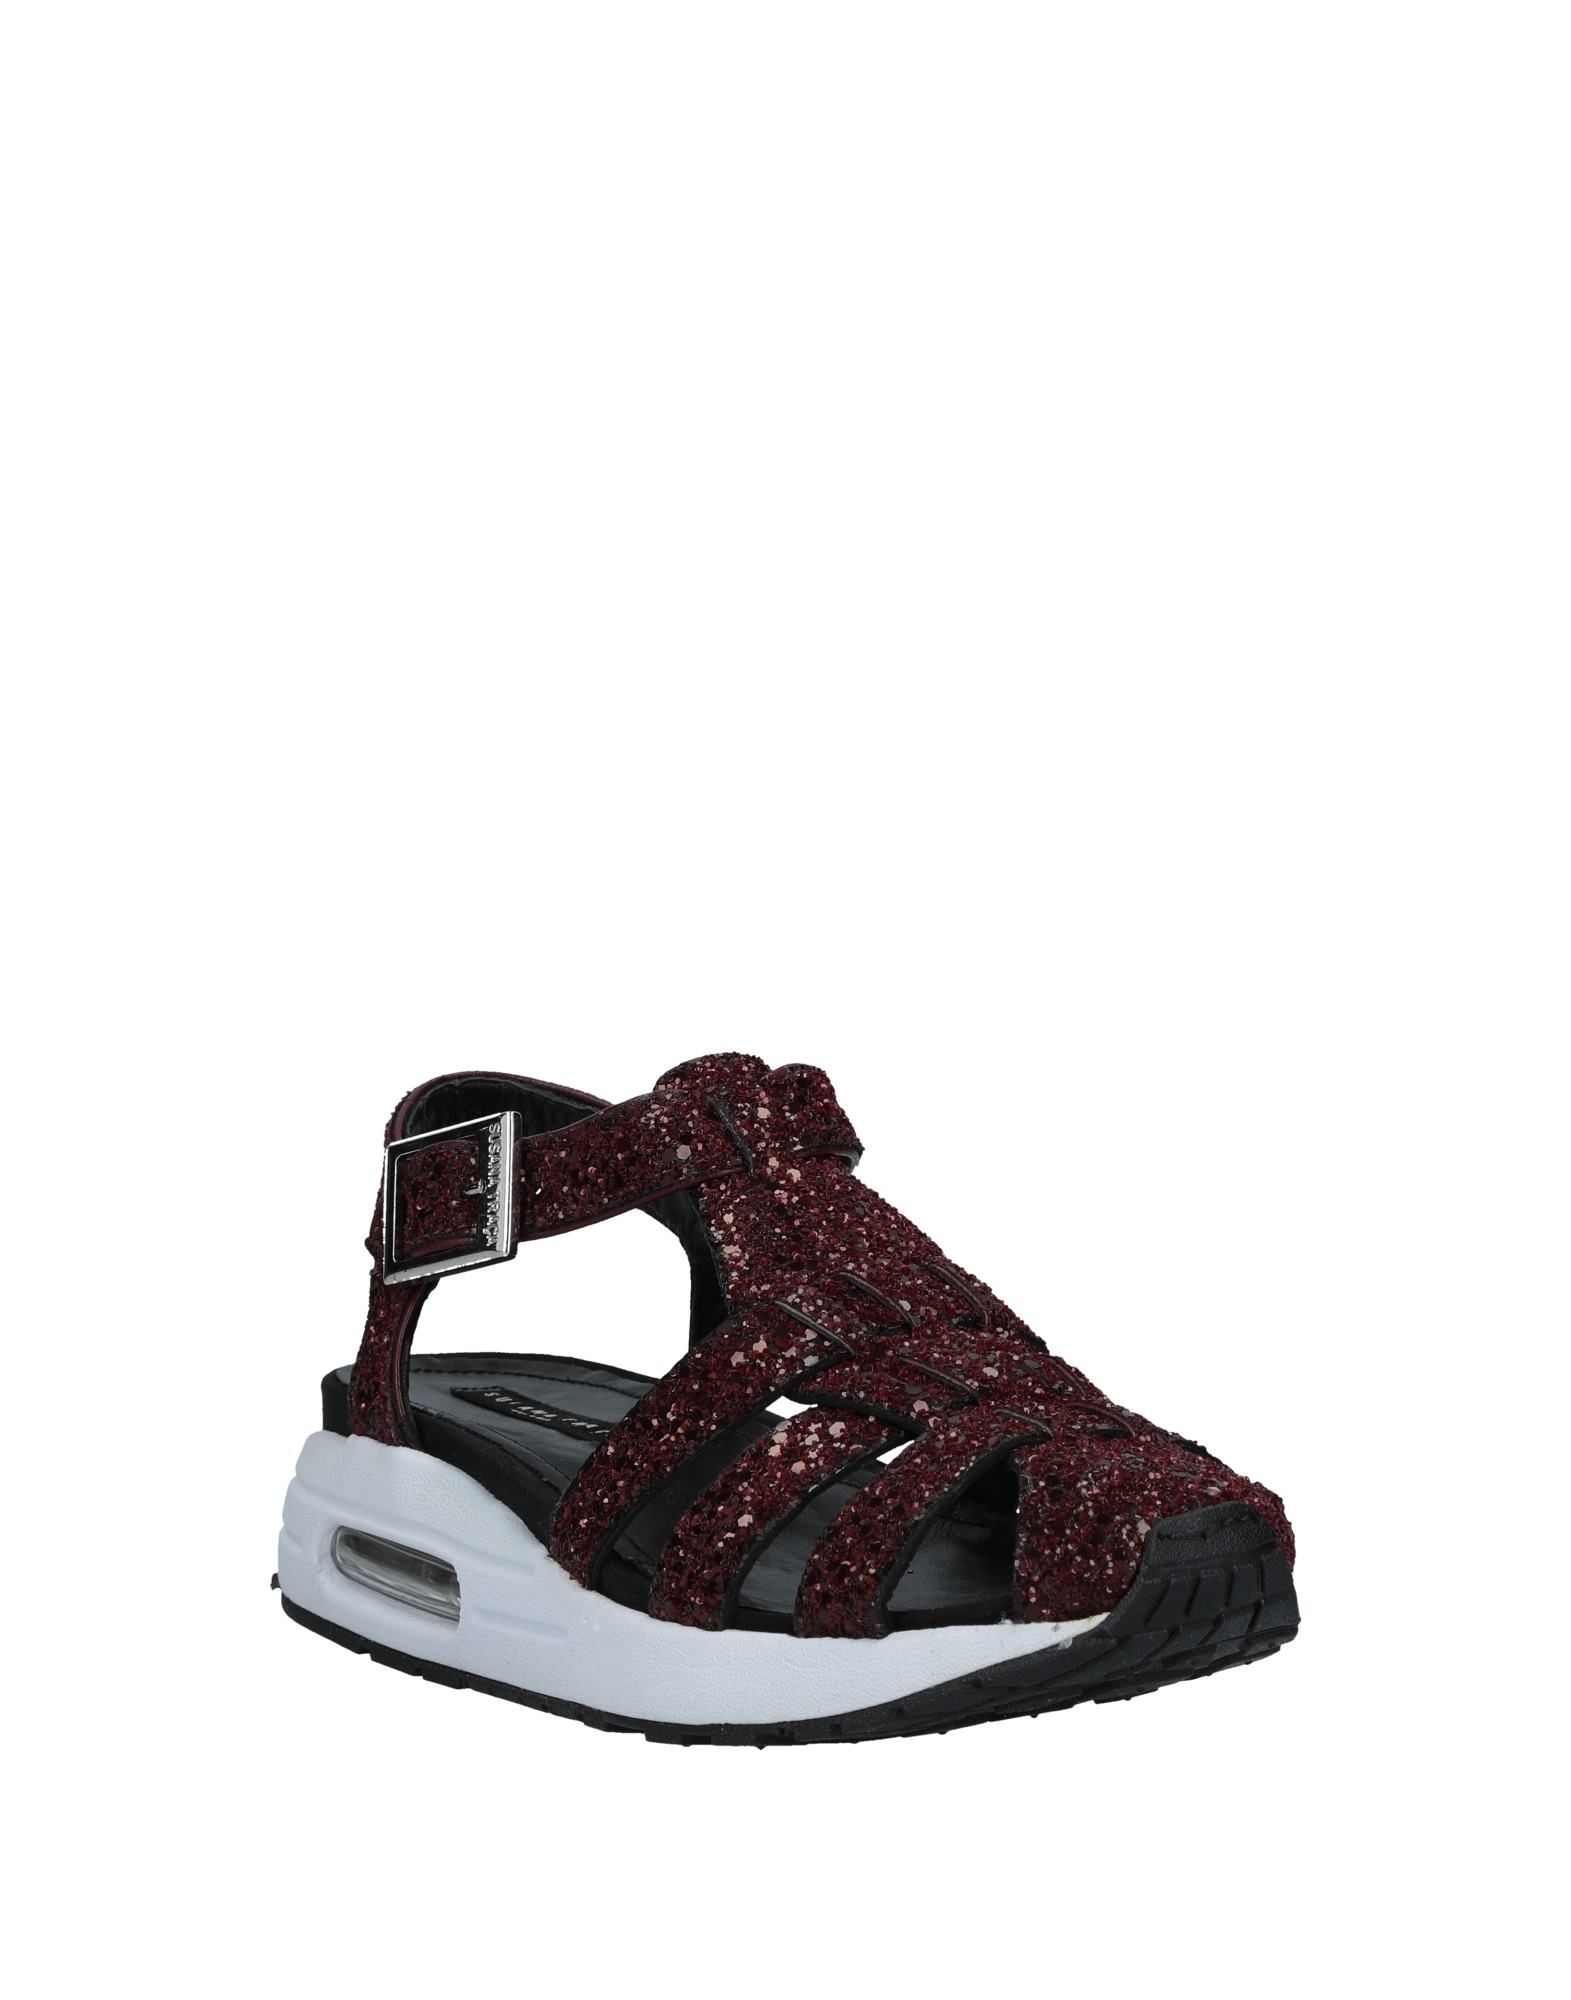 Susana Traca Qualität Sandalen Damen 11527882BQ Gute Qualität Traca beliebte Schuhe db2f07